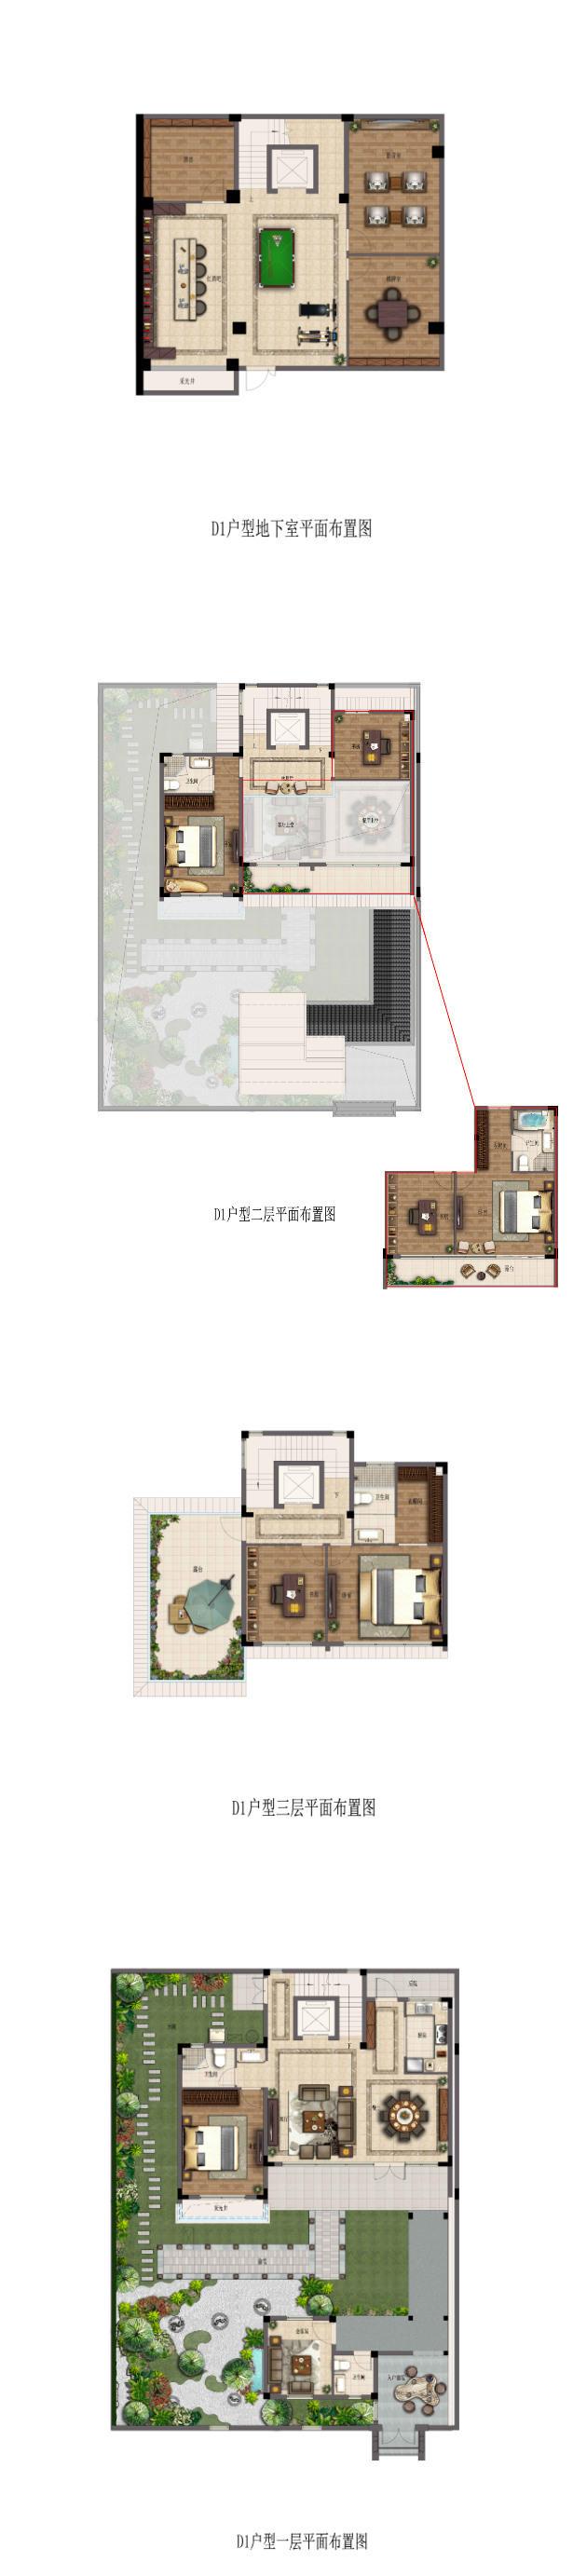 排屋 D1户型 6室2厅4卫 263㎡